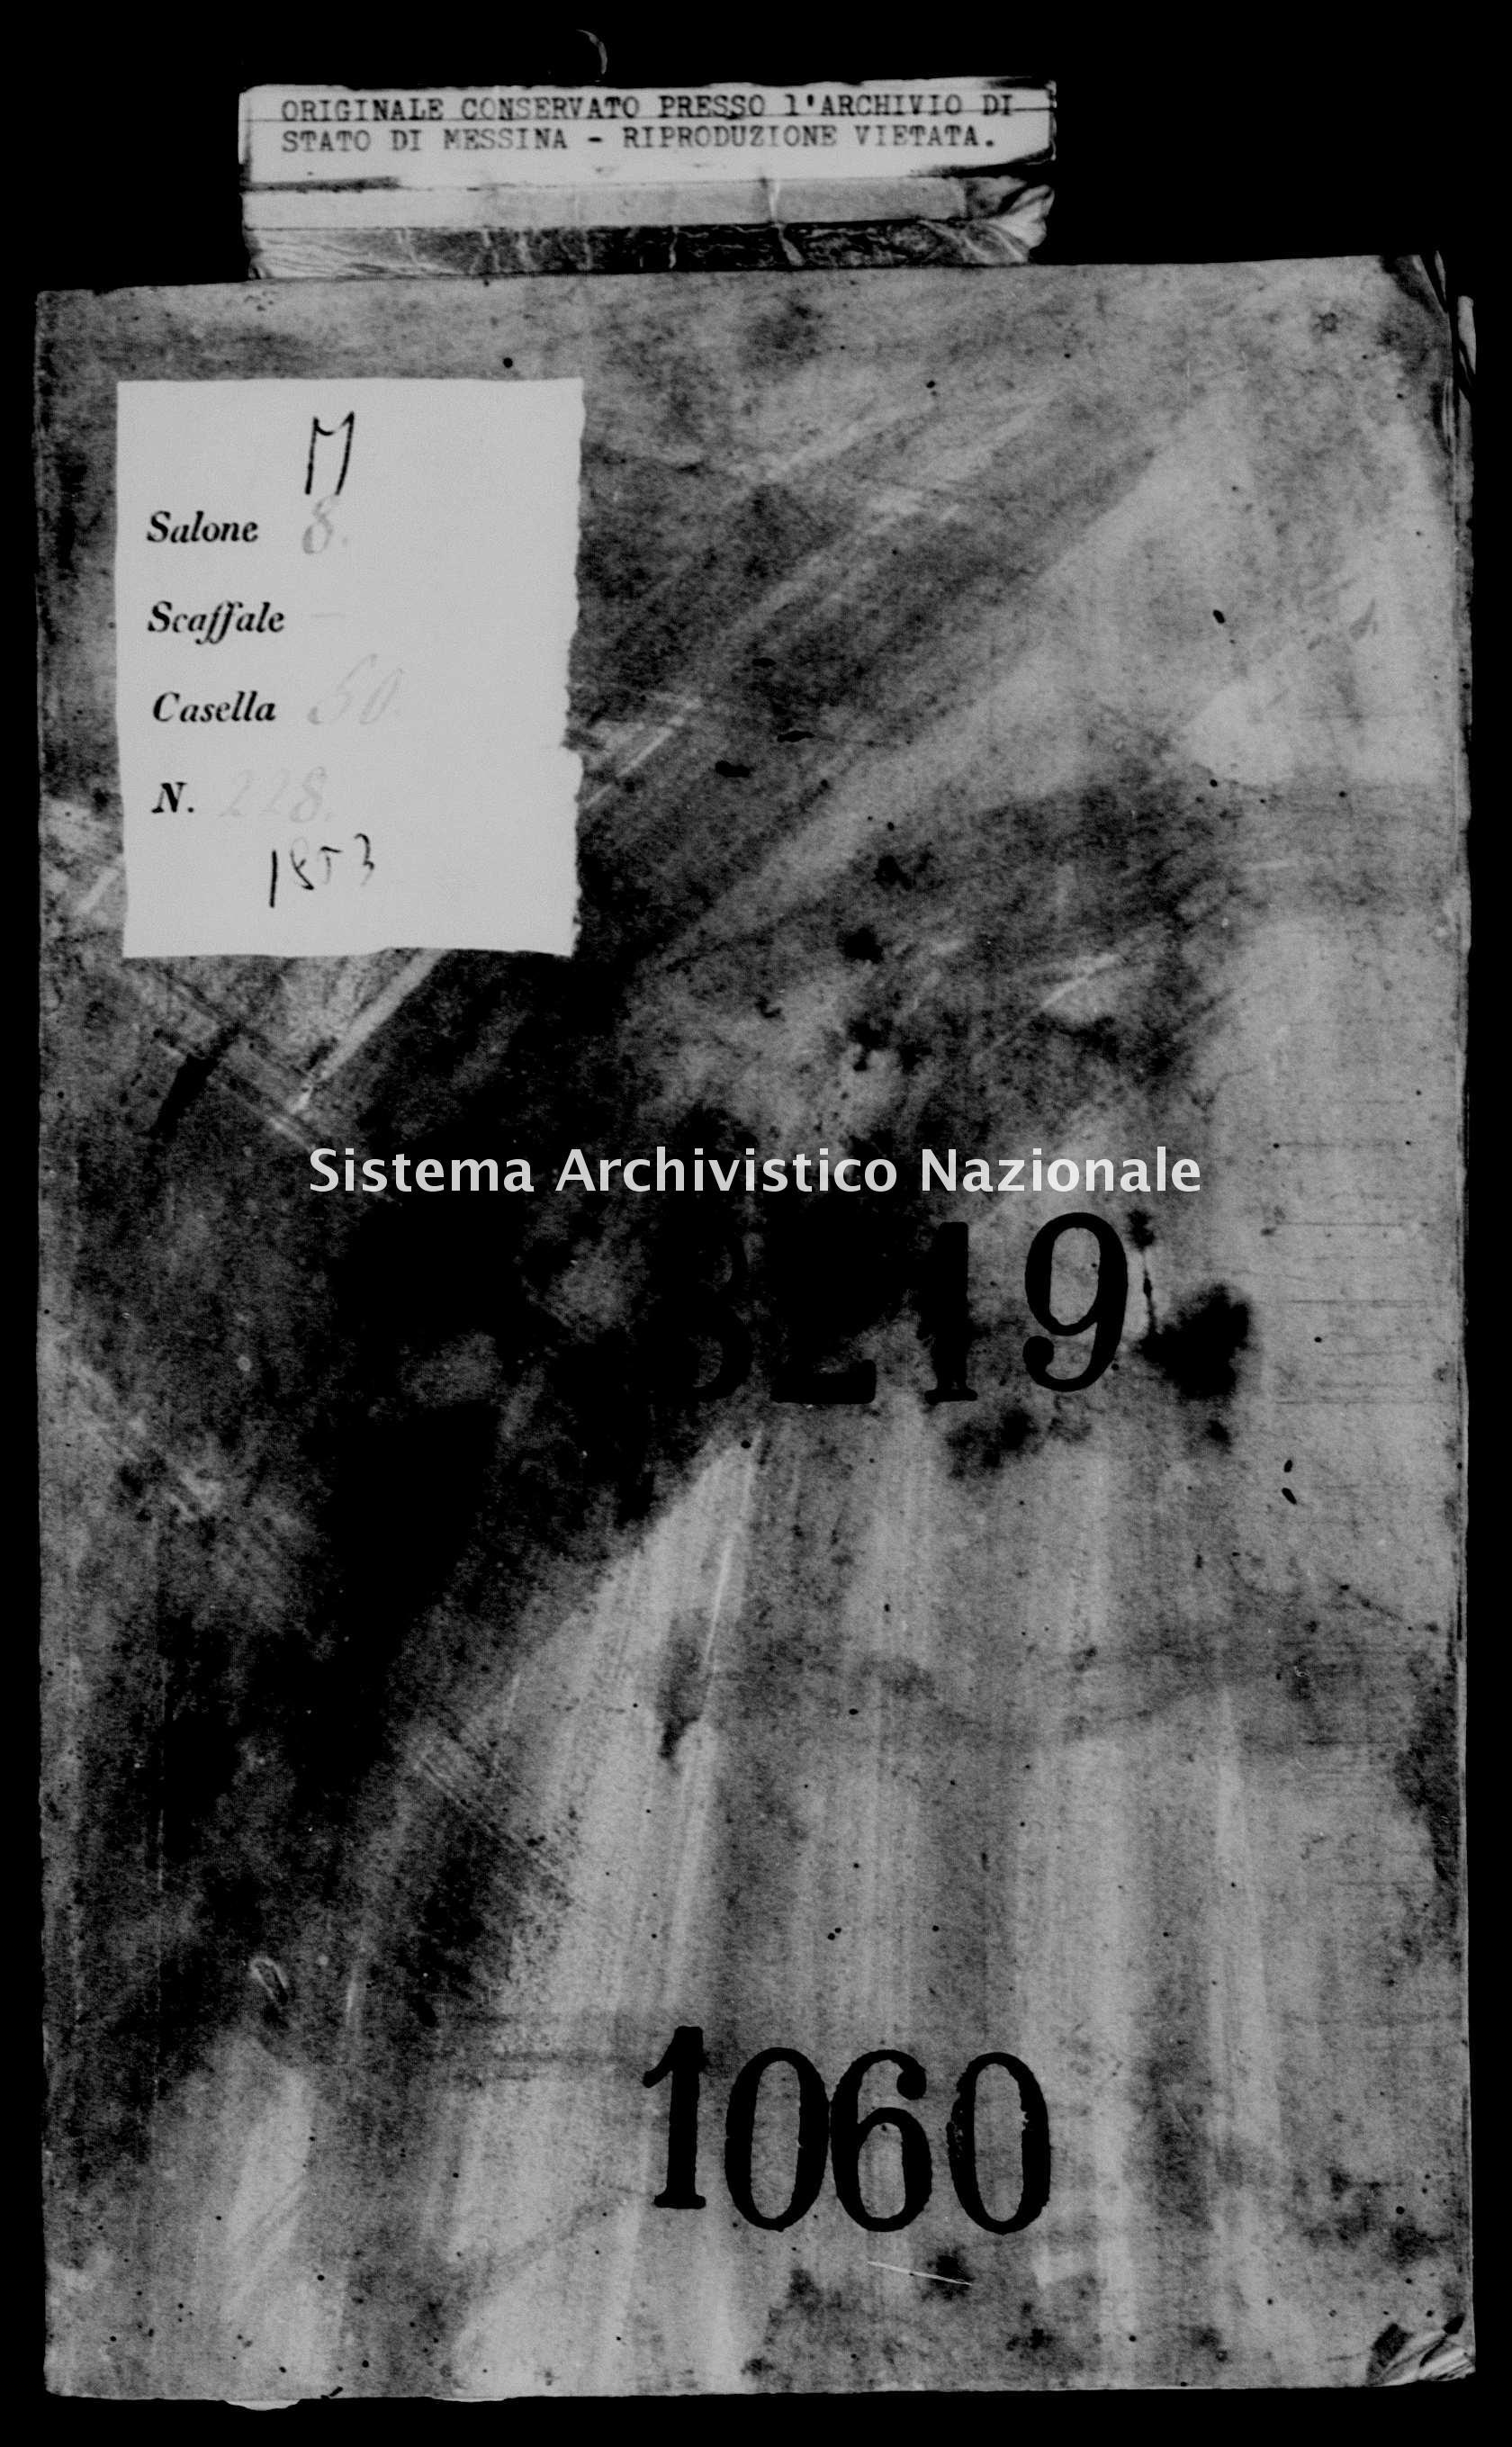 Archivio di stato di Messina - Stato civile della restaurazione - Piraino - Morti - 03/01/1853-13/11/1853 - 1060 -